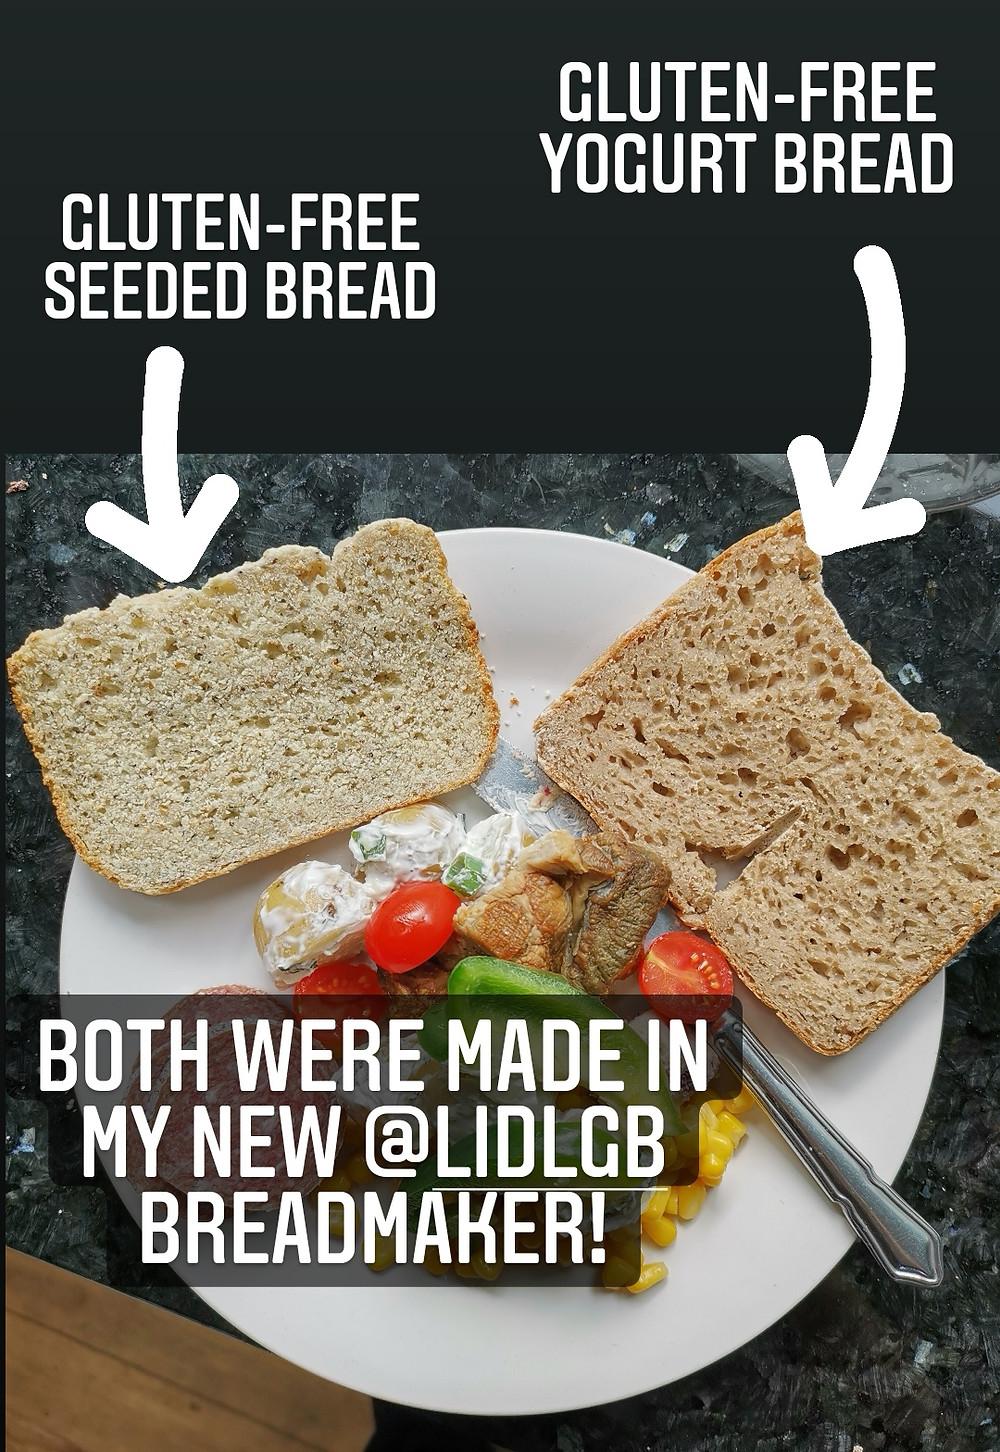 Gluten-free bread comparison